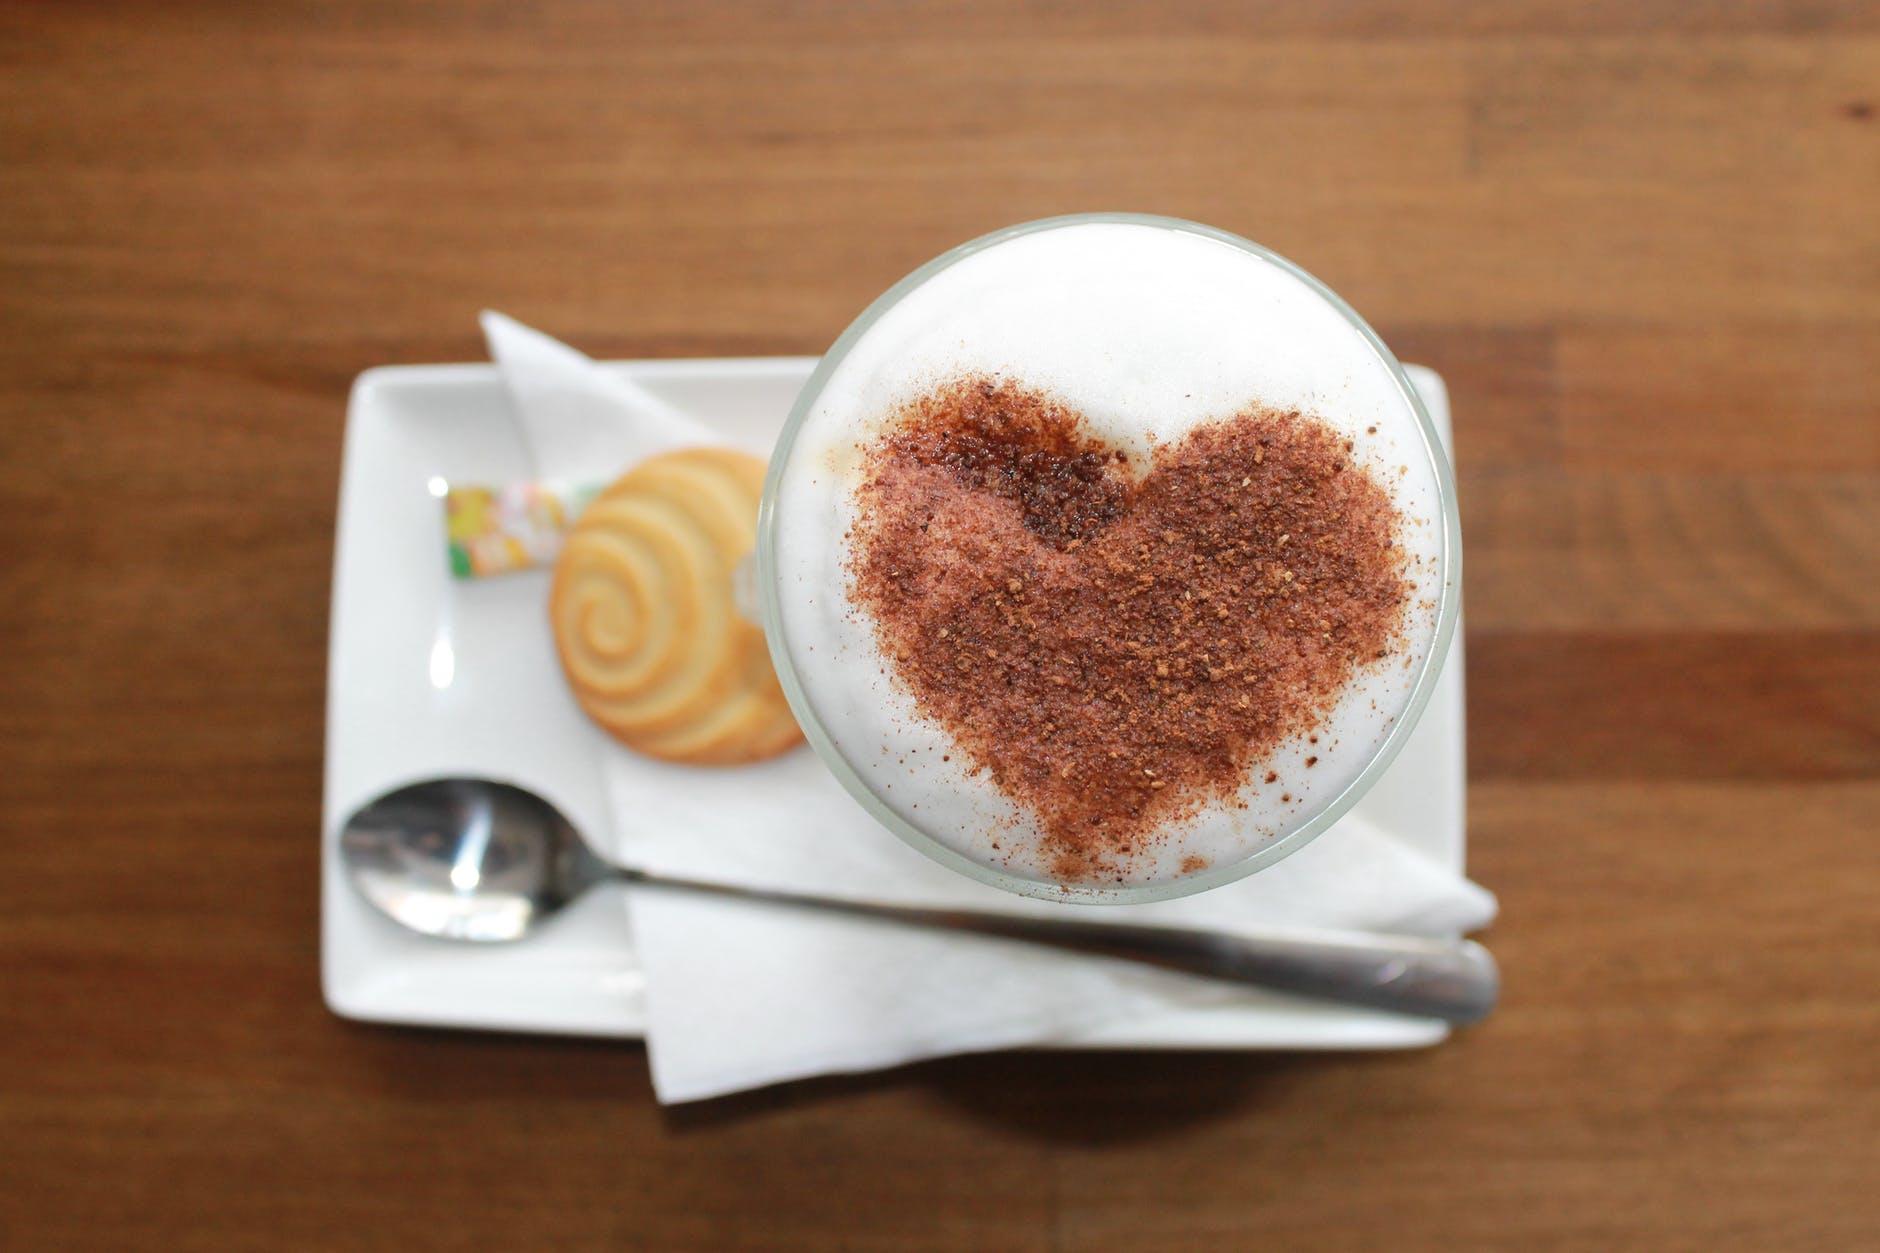 beverage breakfast cafe caffeine